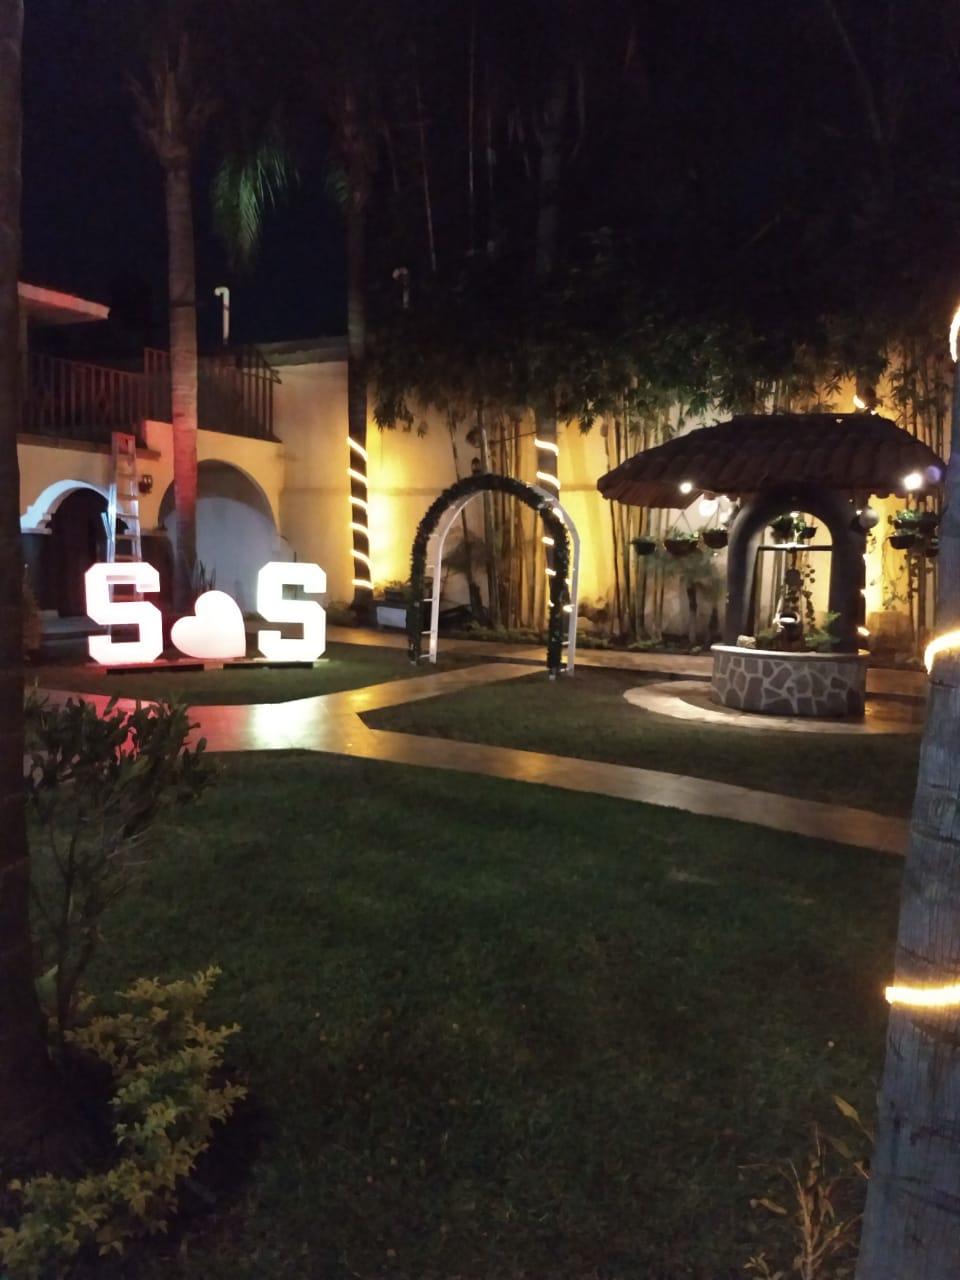 Imagen 3 del espacio Quinta San Javier en Guadalajara, México